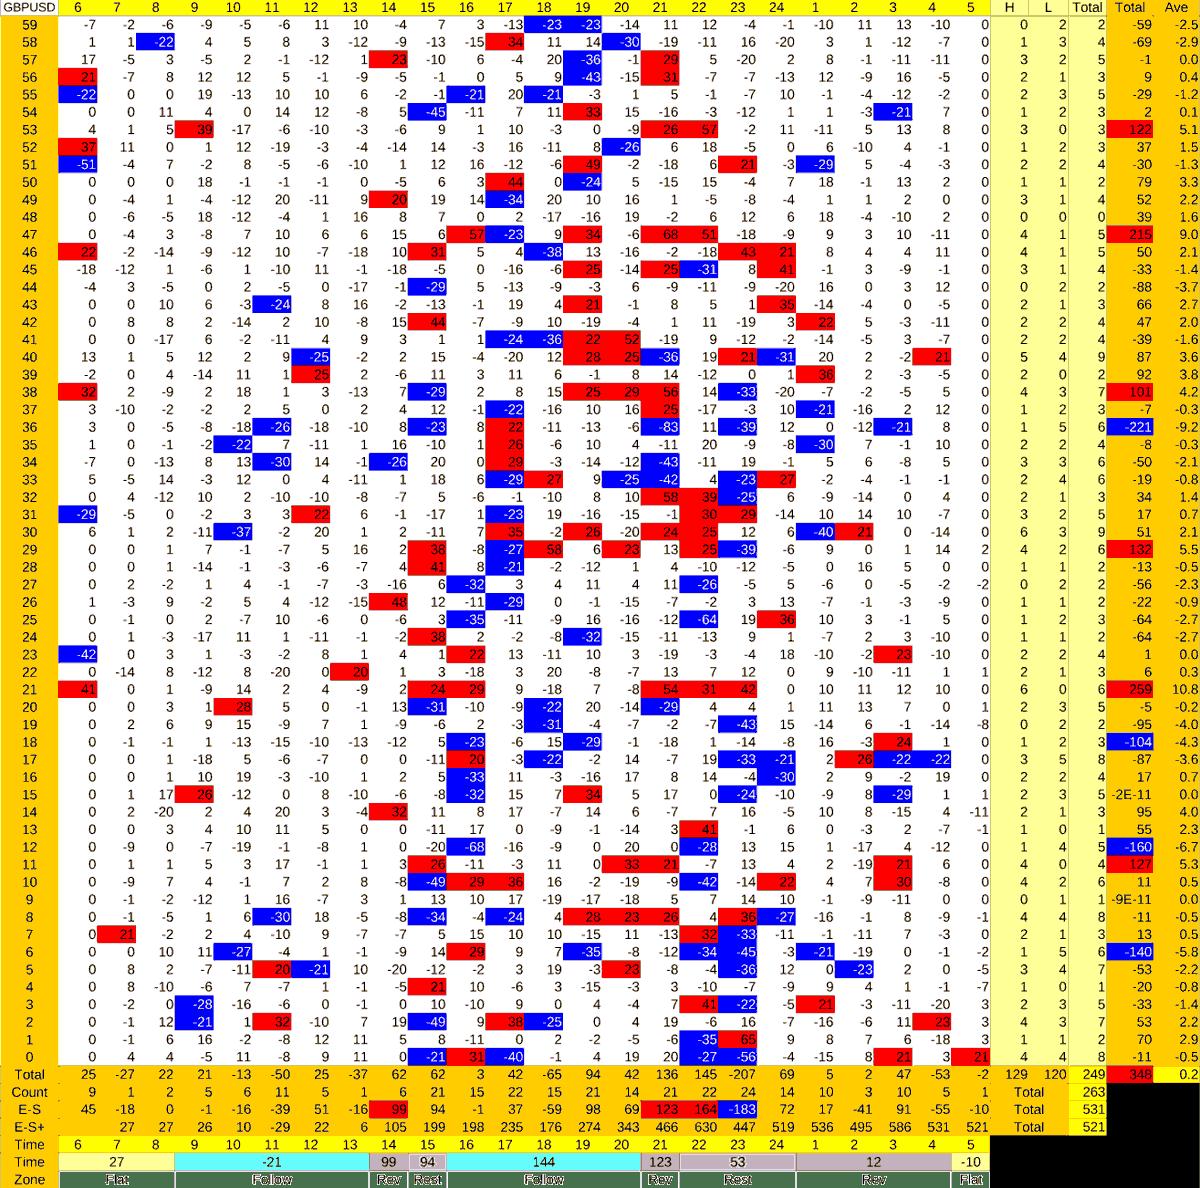 20210514_HS(2)GBPUSD